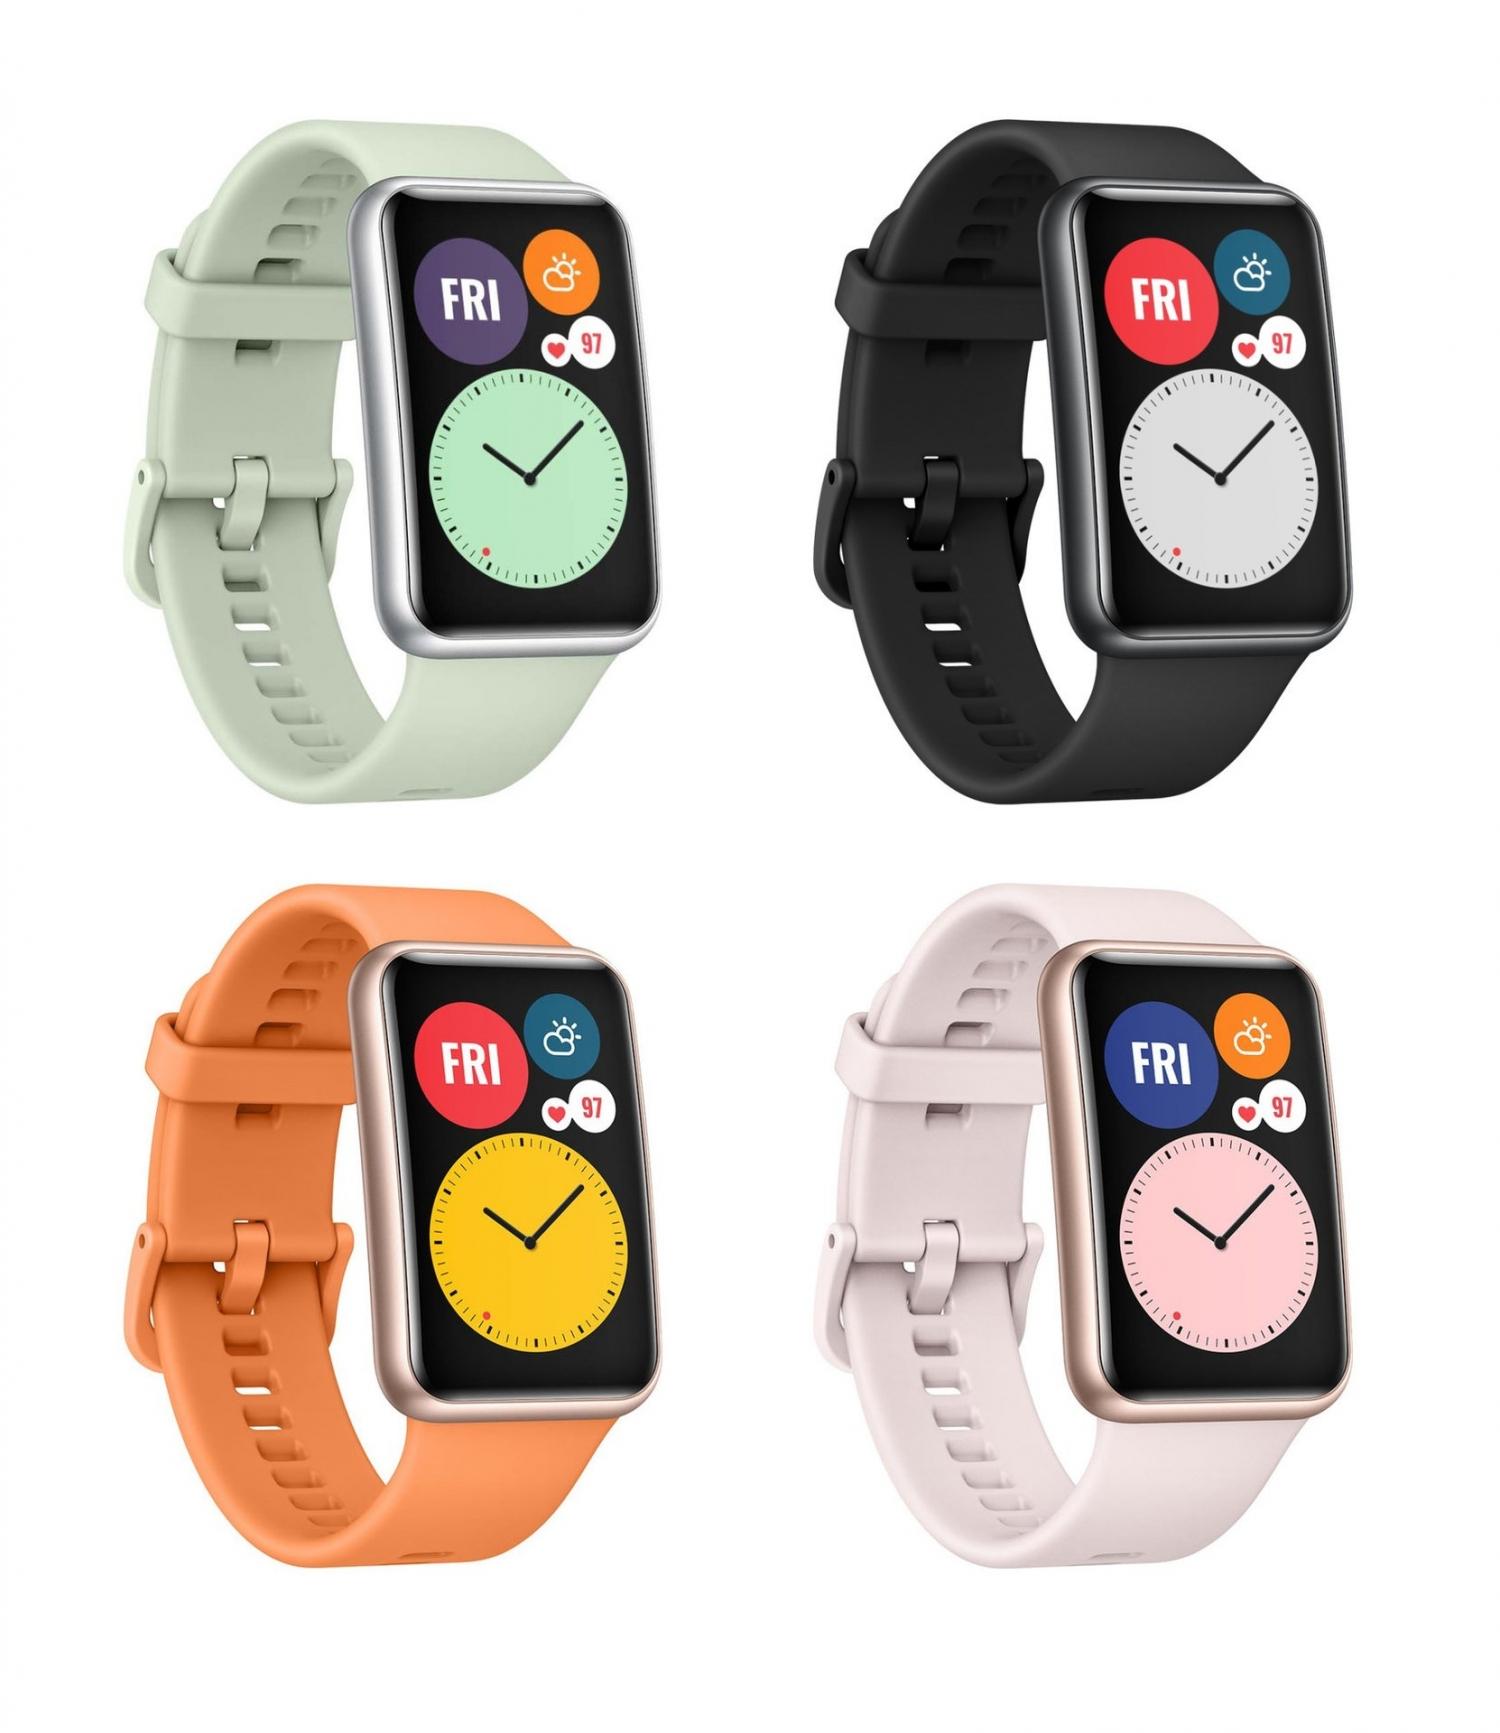 Официальные рендеры часов Huawei Watch Fit2